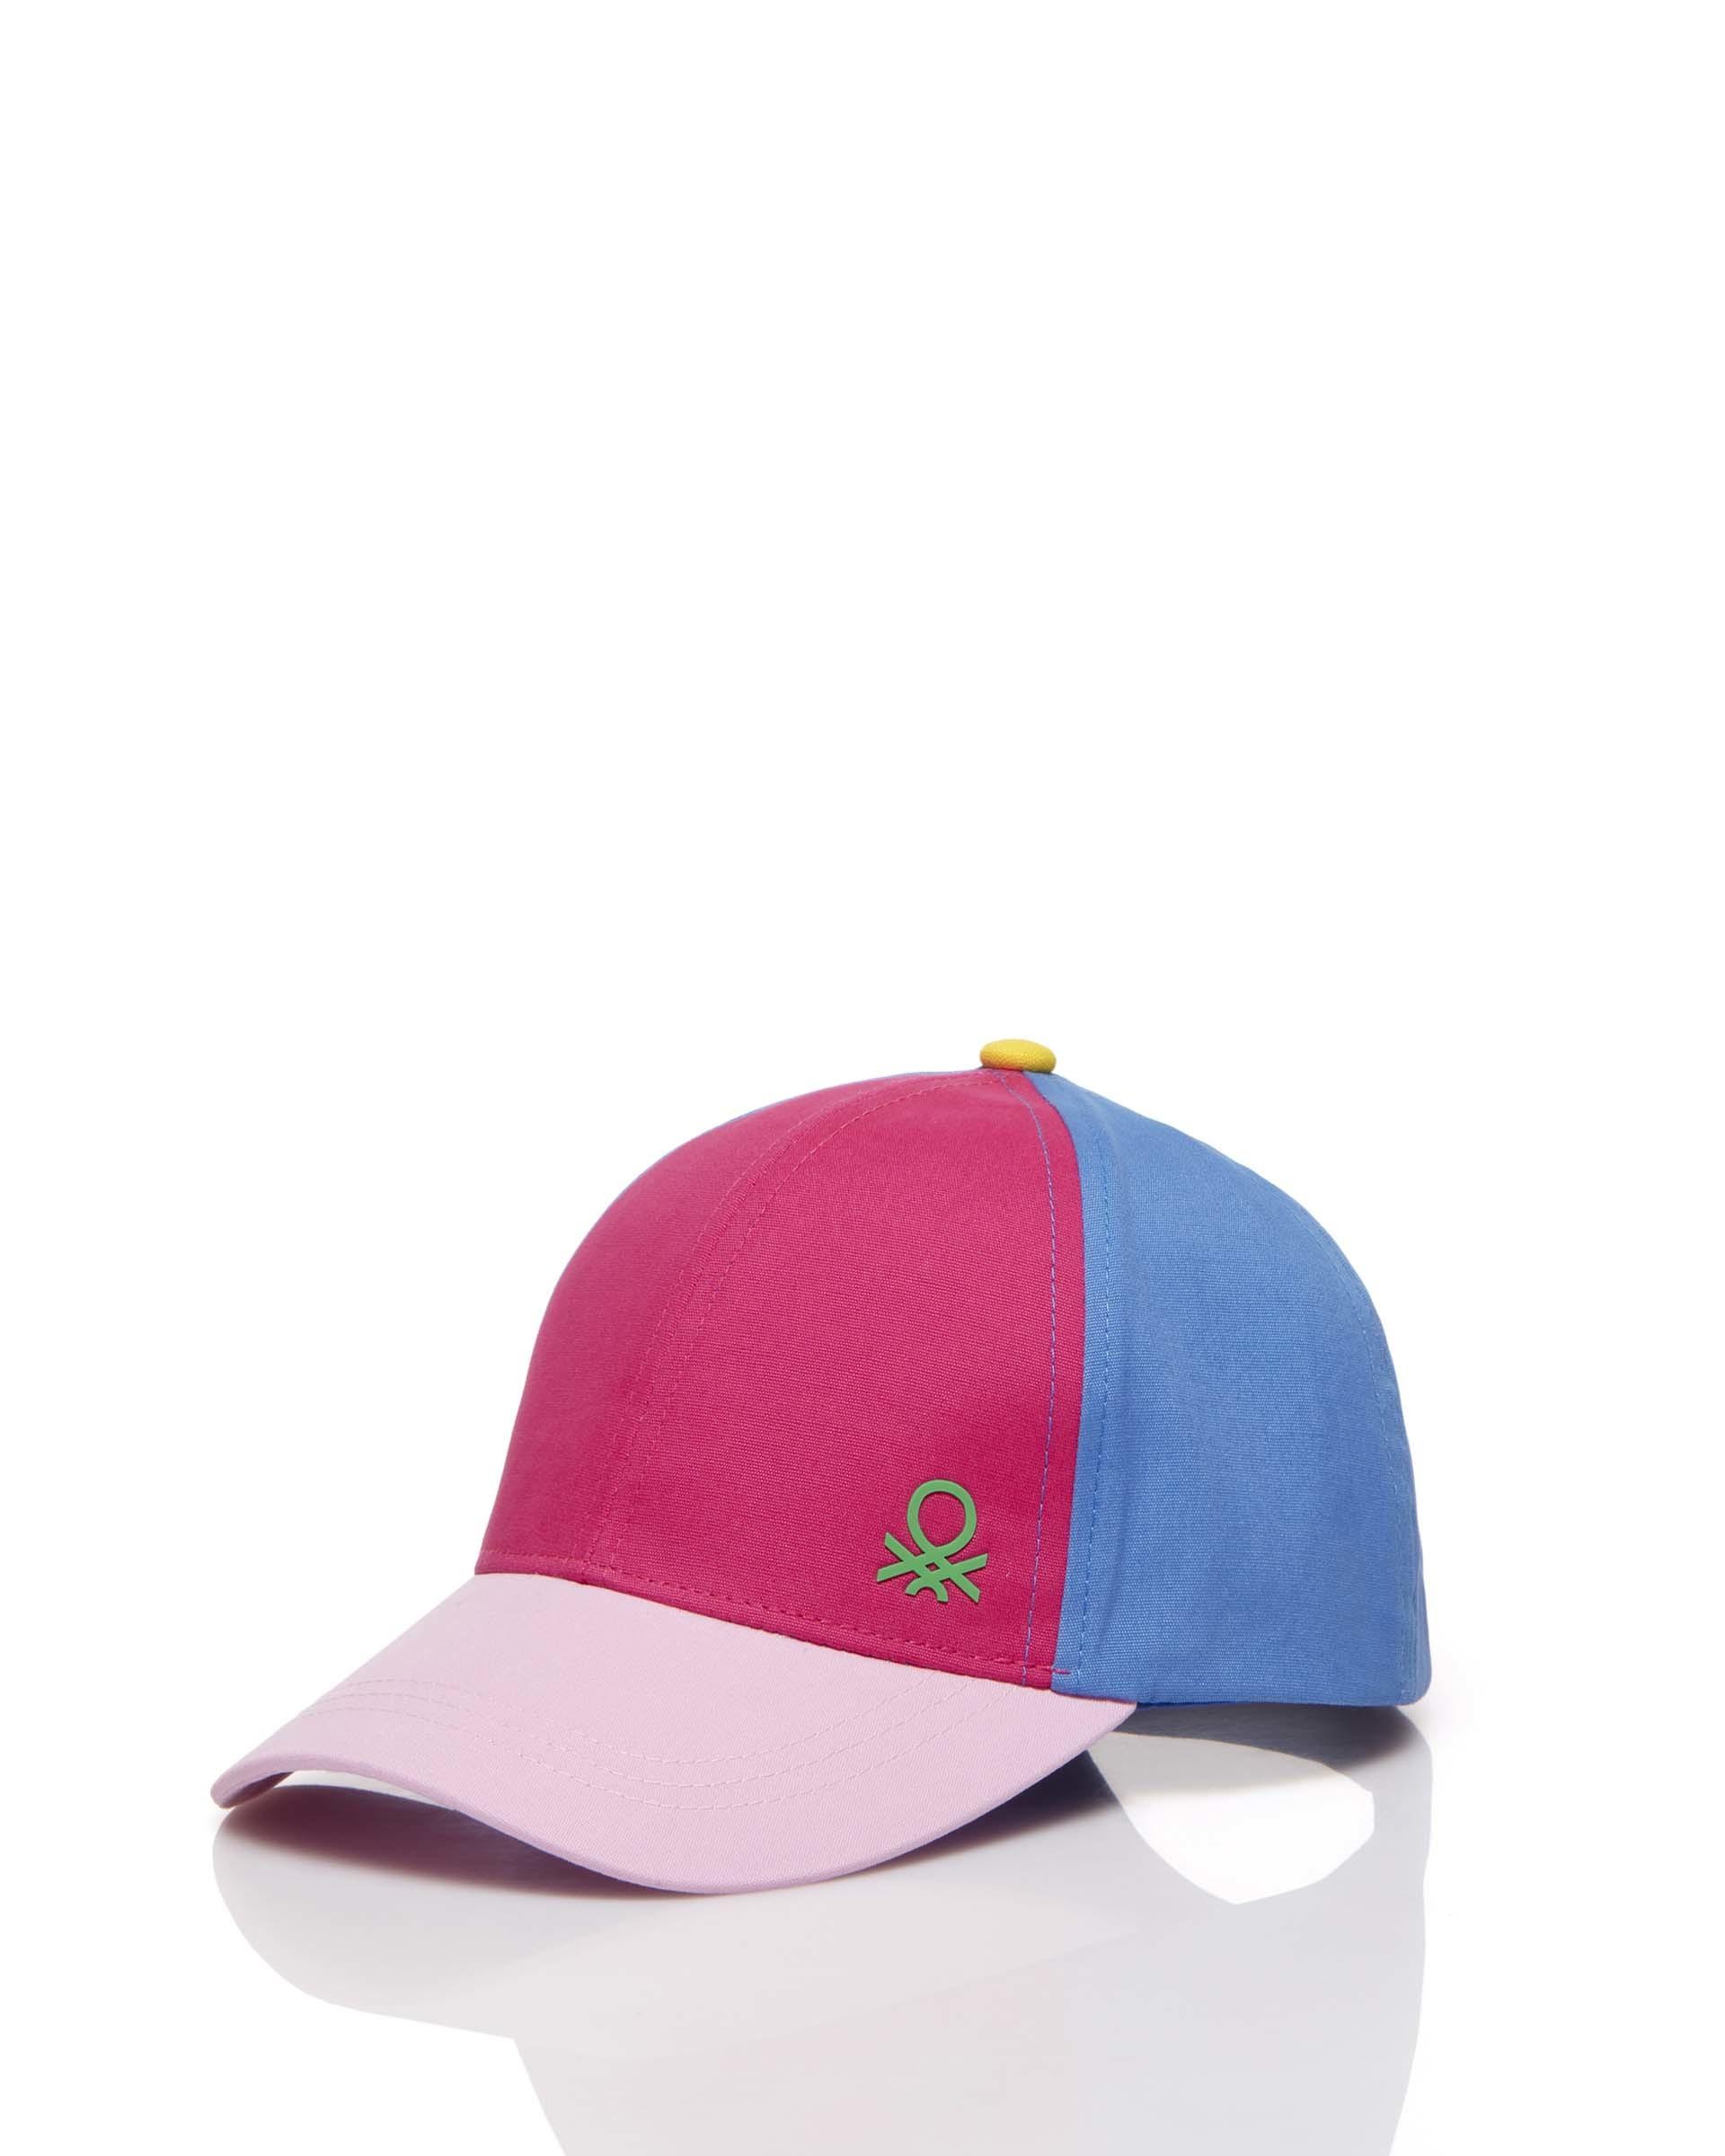 Купить 20P_6GOQB428F_902, Кепка для мальчиков Benetton 6GOQB428F_902 р-р 152, United Colors of Benetton, Детские кепки